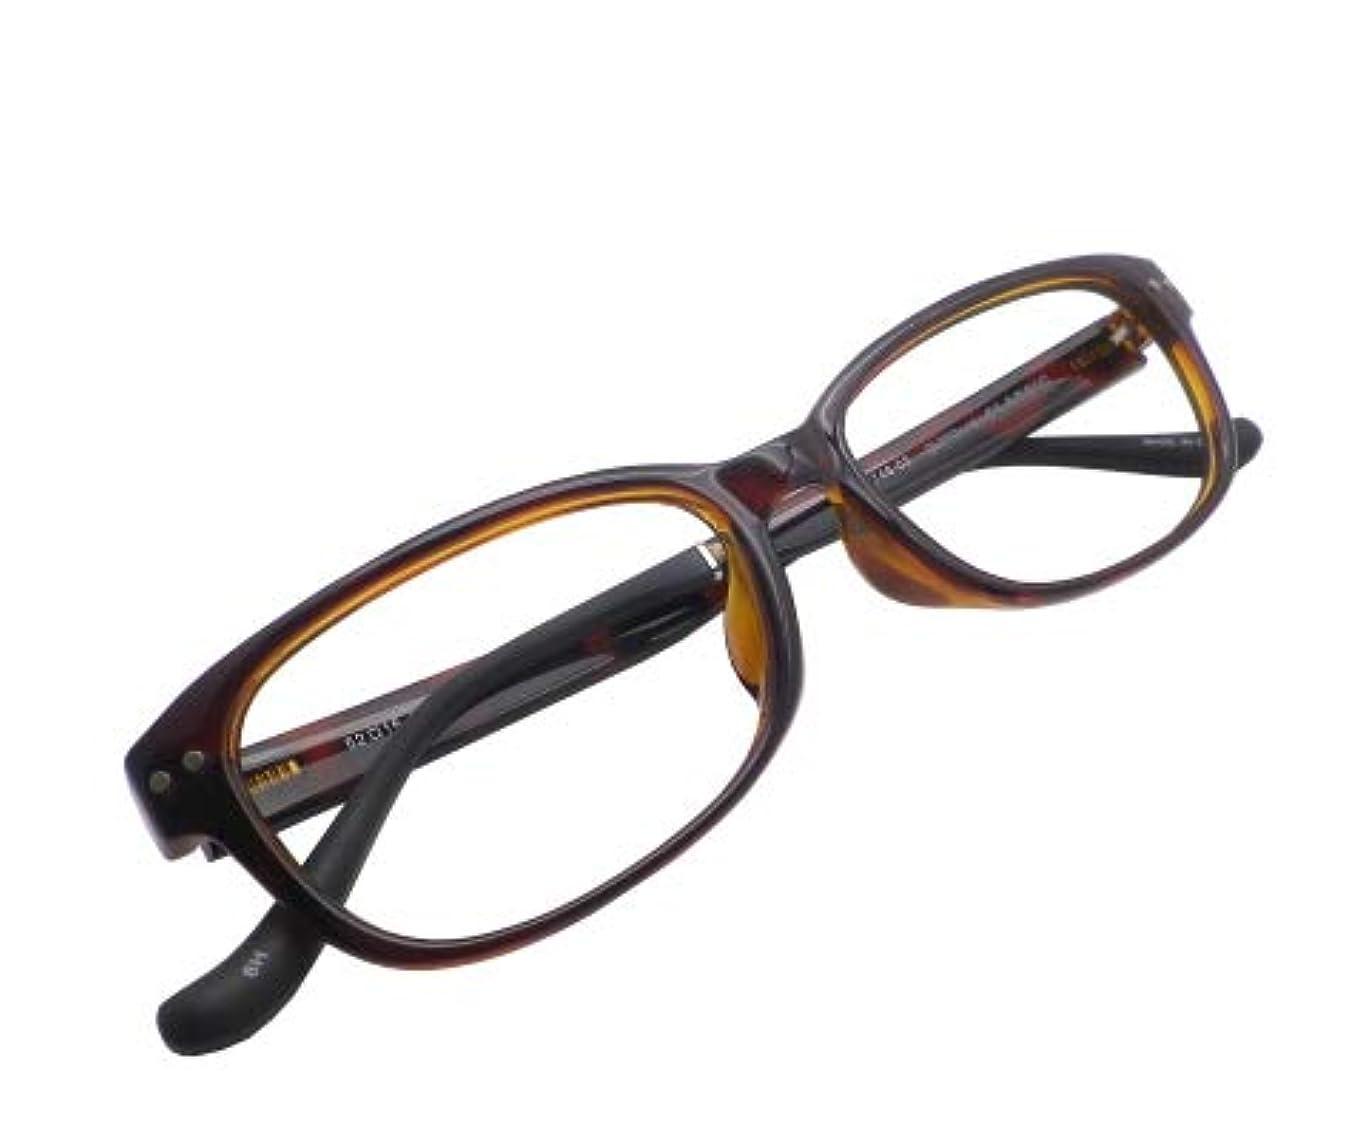 超軽量 超弾性 老眼鏡 シニアグラス リーディンググラス ウエリントン クラシック レトロ ビンテージ おしゃれ TR90 マルチコート ブルーライトカット 2746